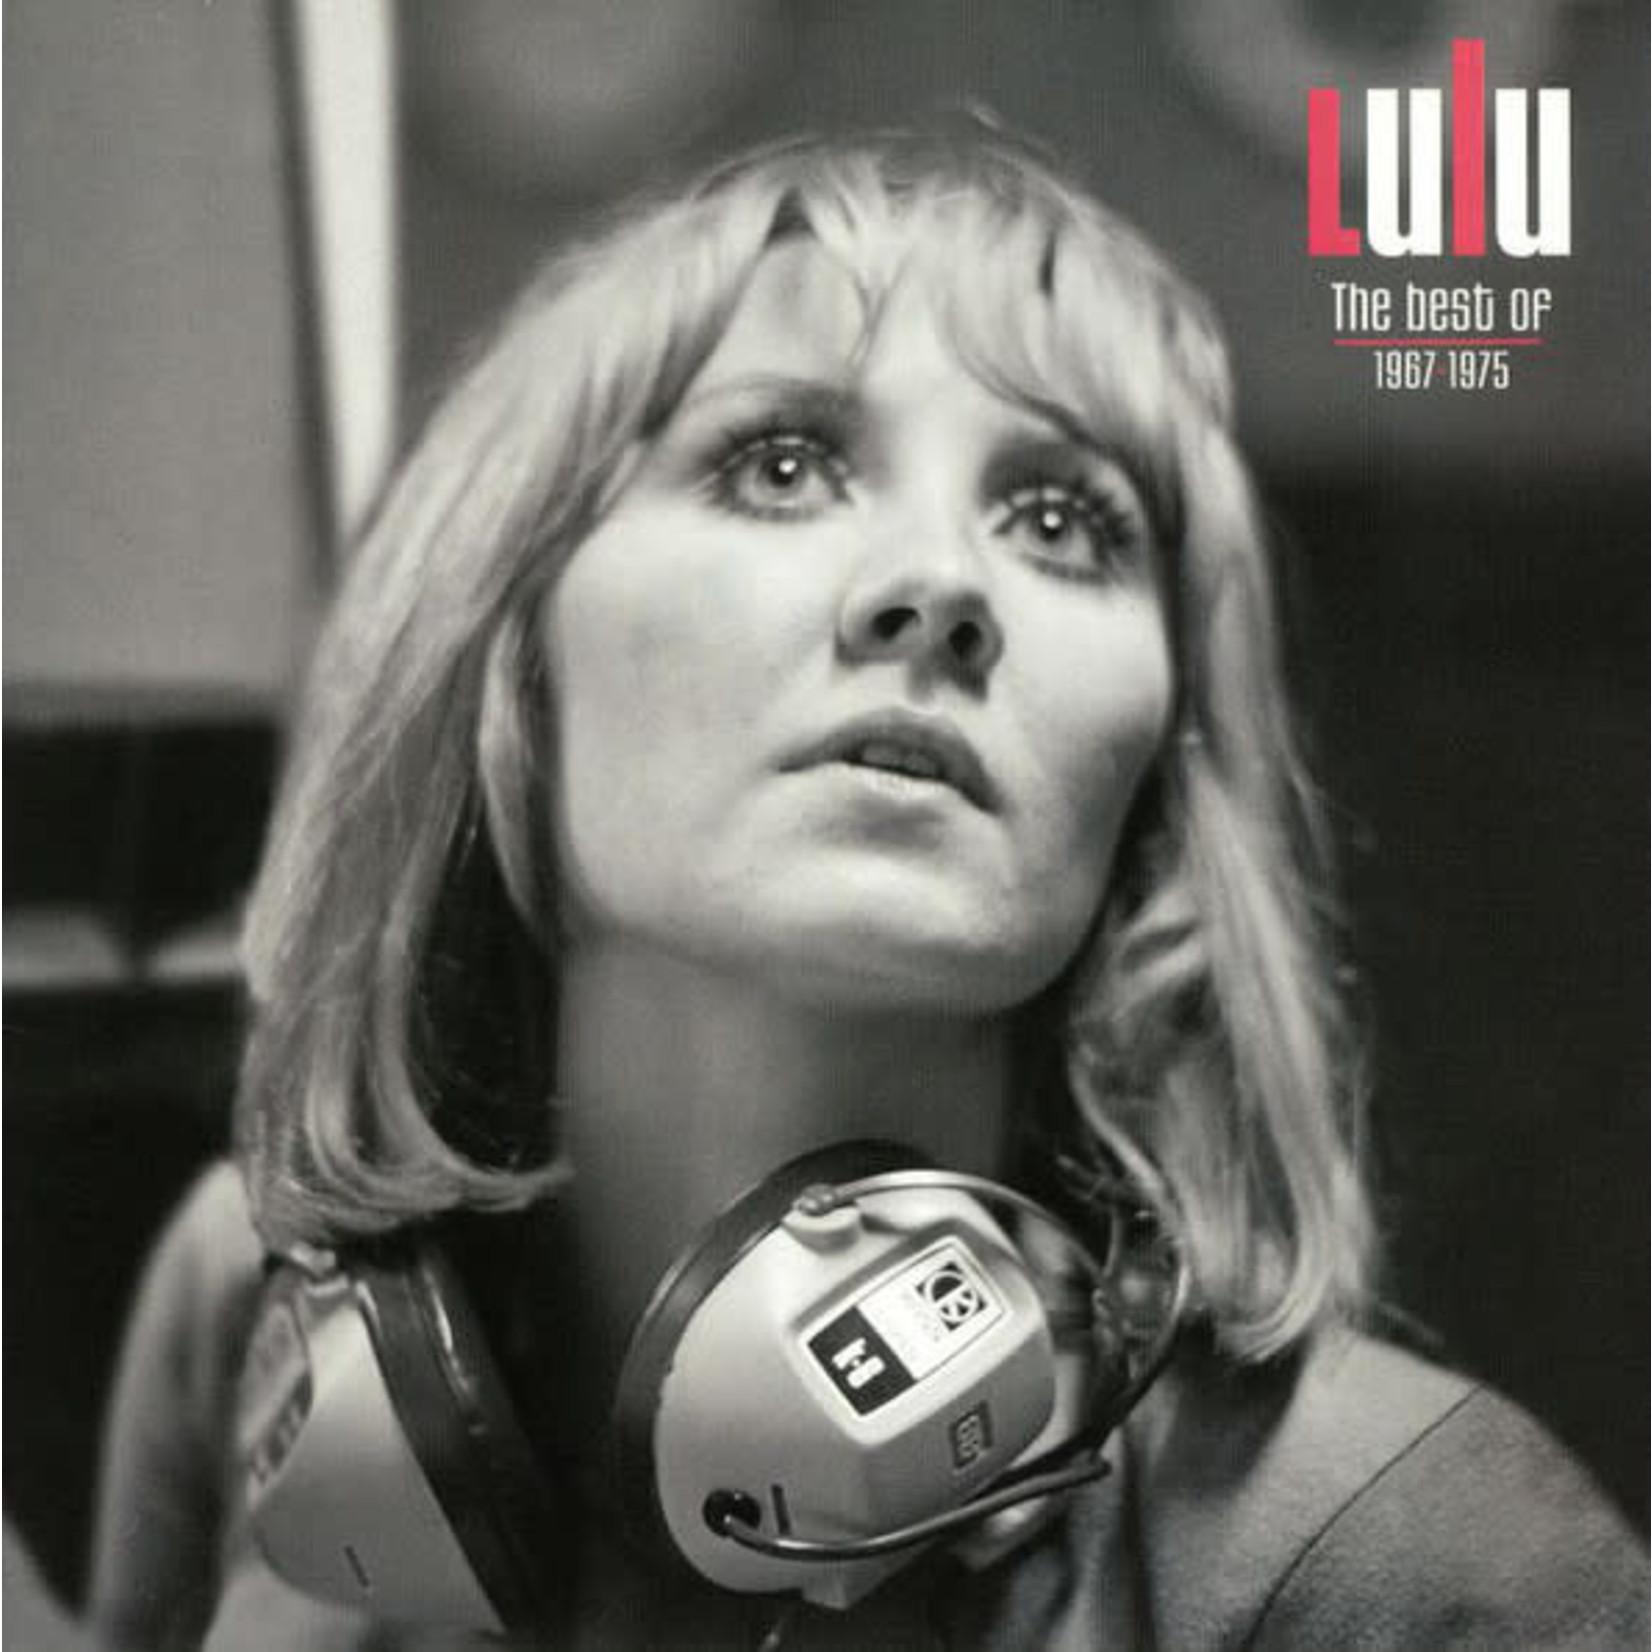 Vinyl Lulu - The Best Of 1967 - 1975